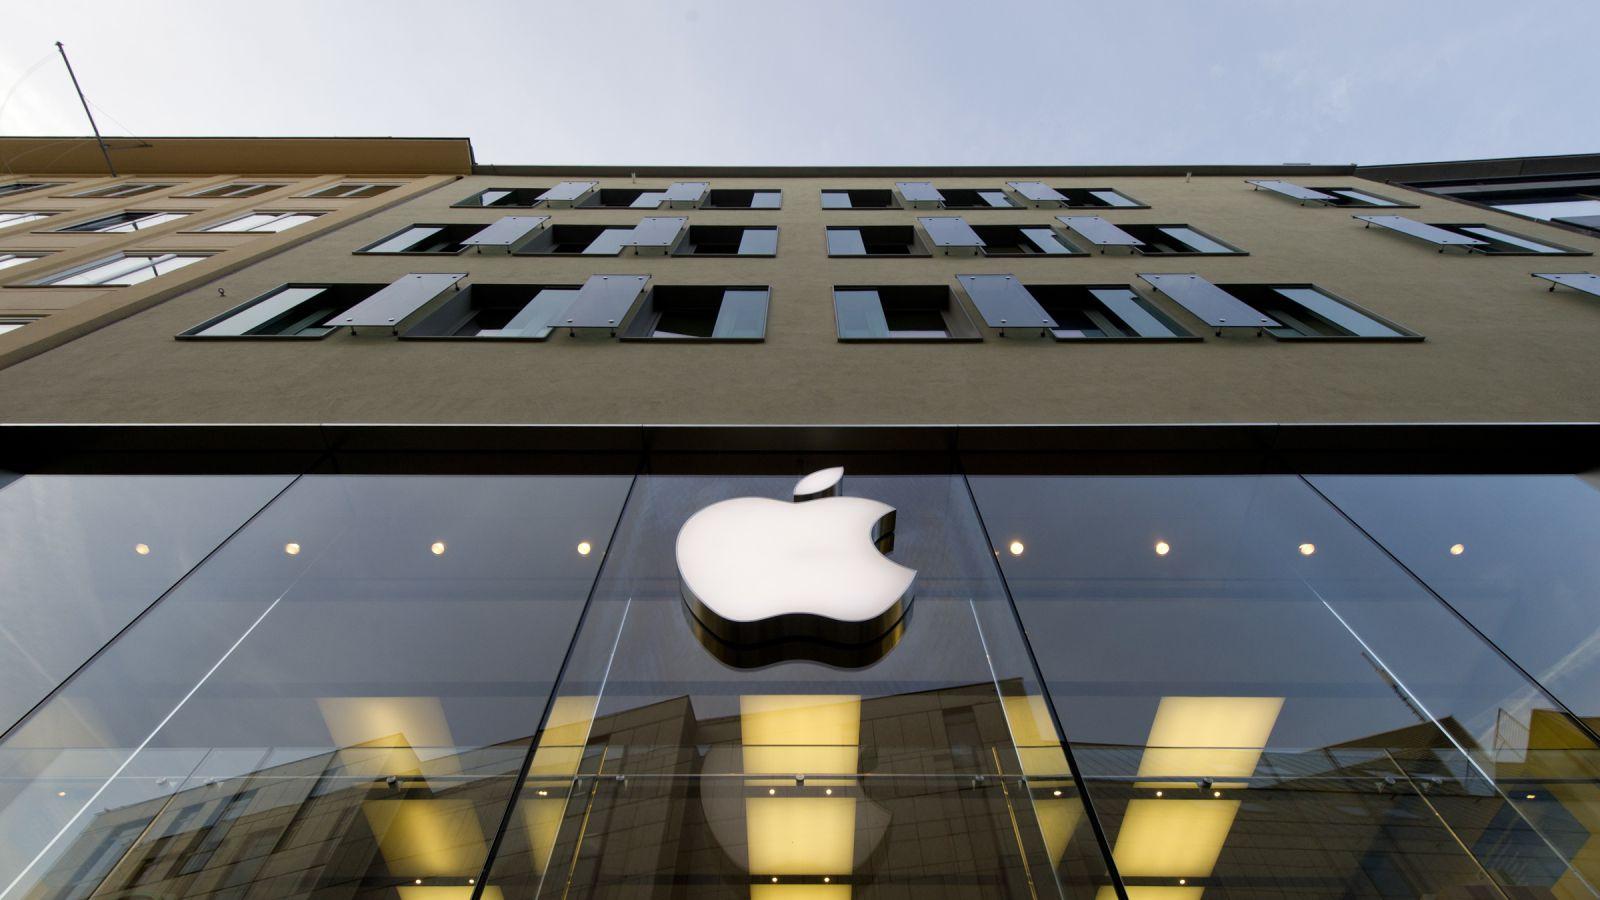 Чего ждут фанаты от Apple в 2016 году?